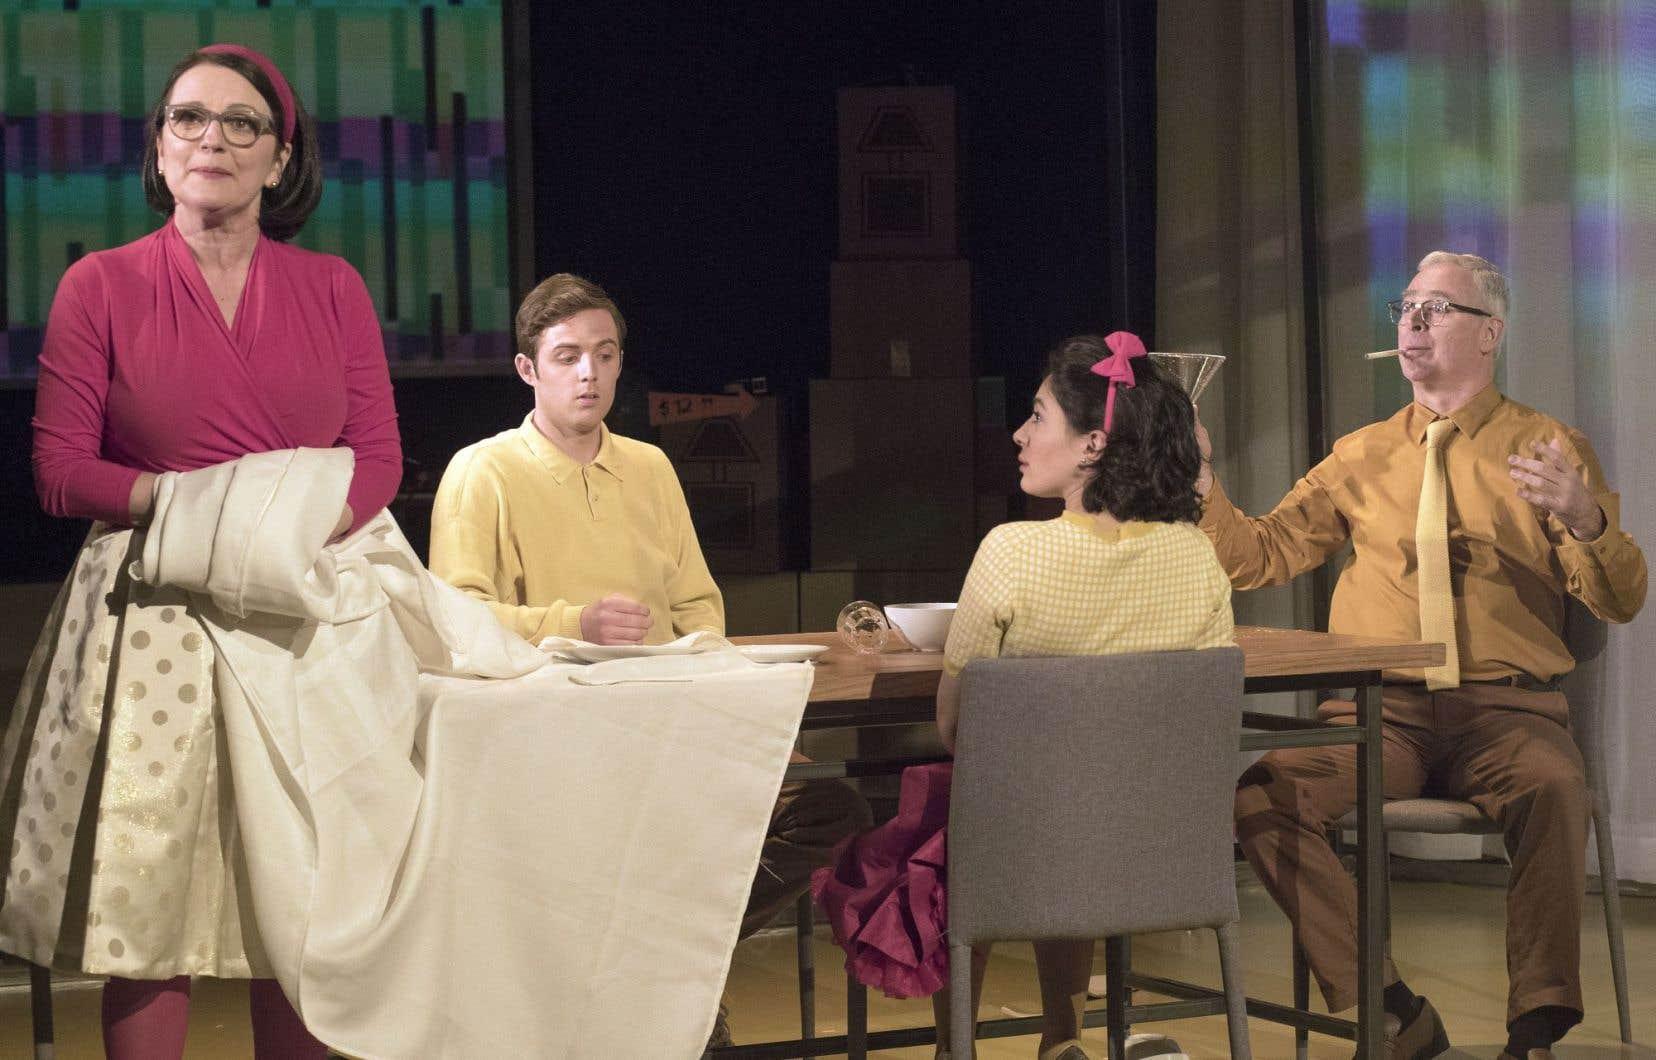 Marie-Thérèse Fortin, Christophe Payeur, Mounia Zahzam et Jacques L'Heureux dans une scène de la pièce «Extramoyen, splendeur et misère de la classe moyenne»